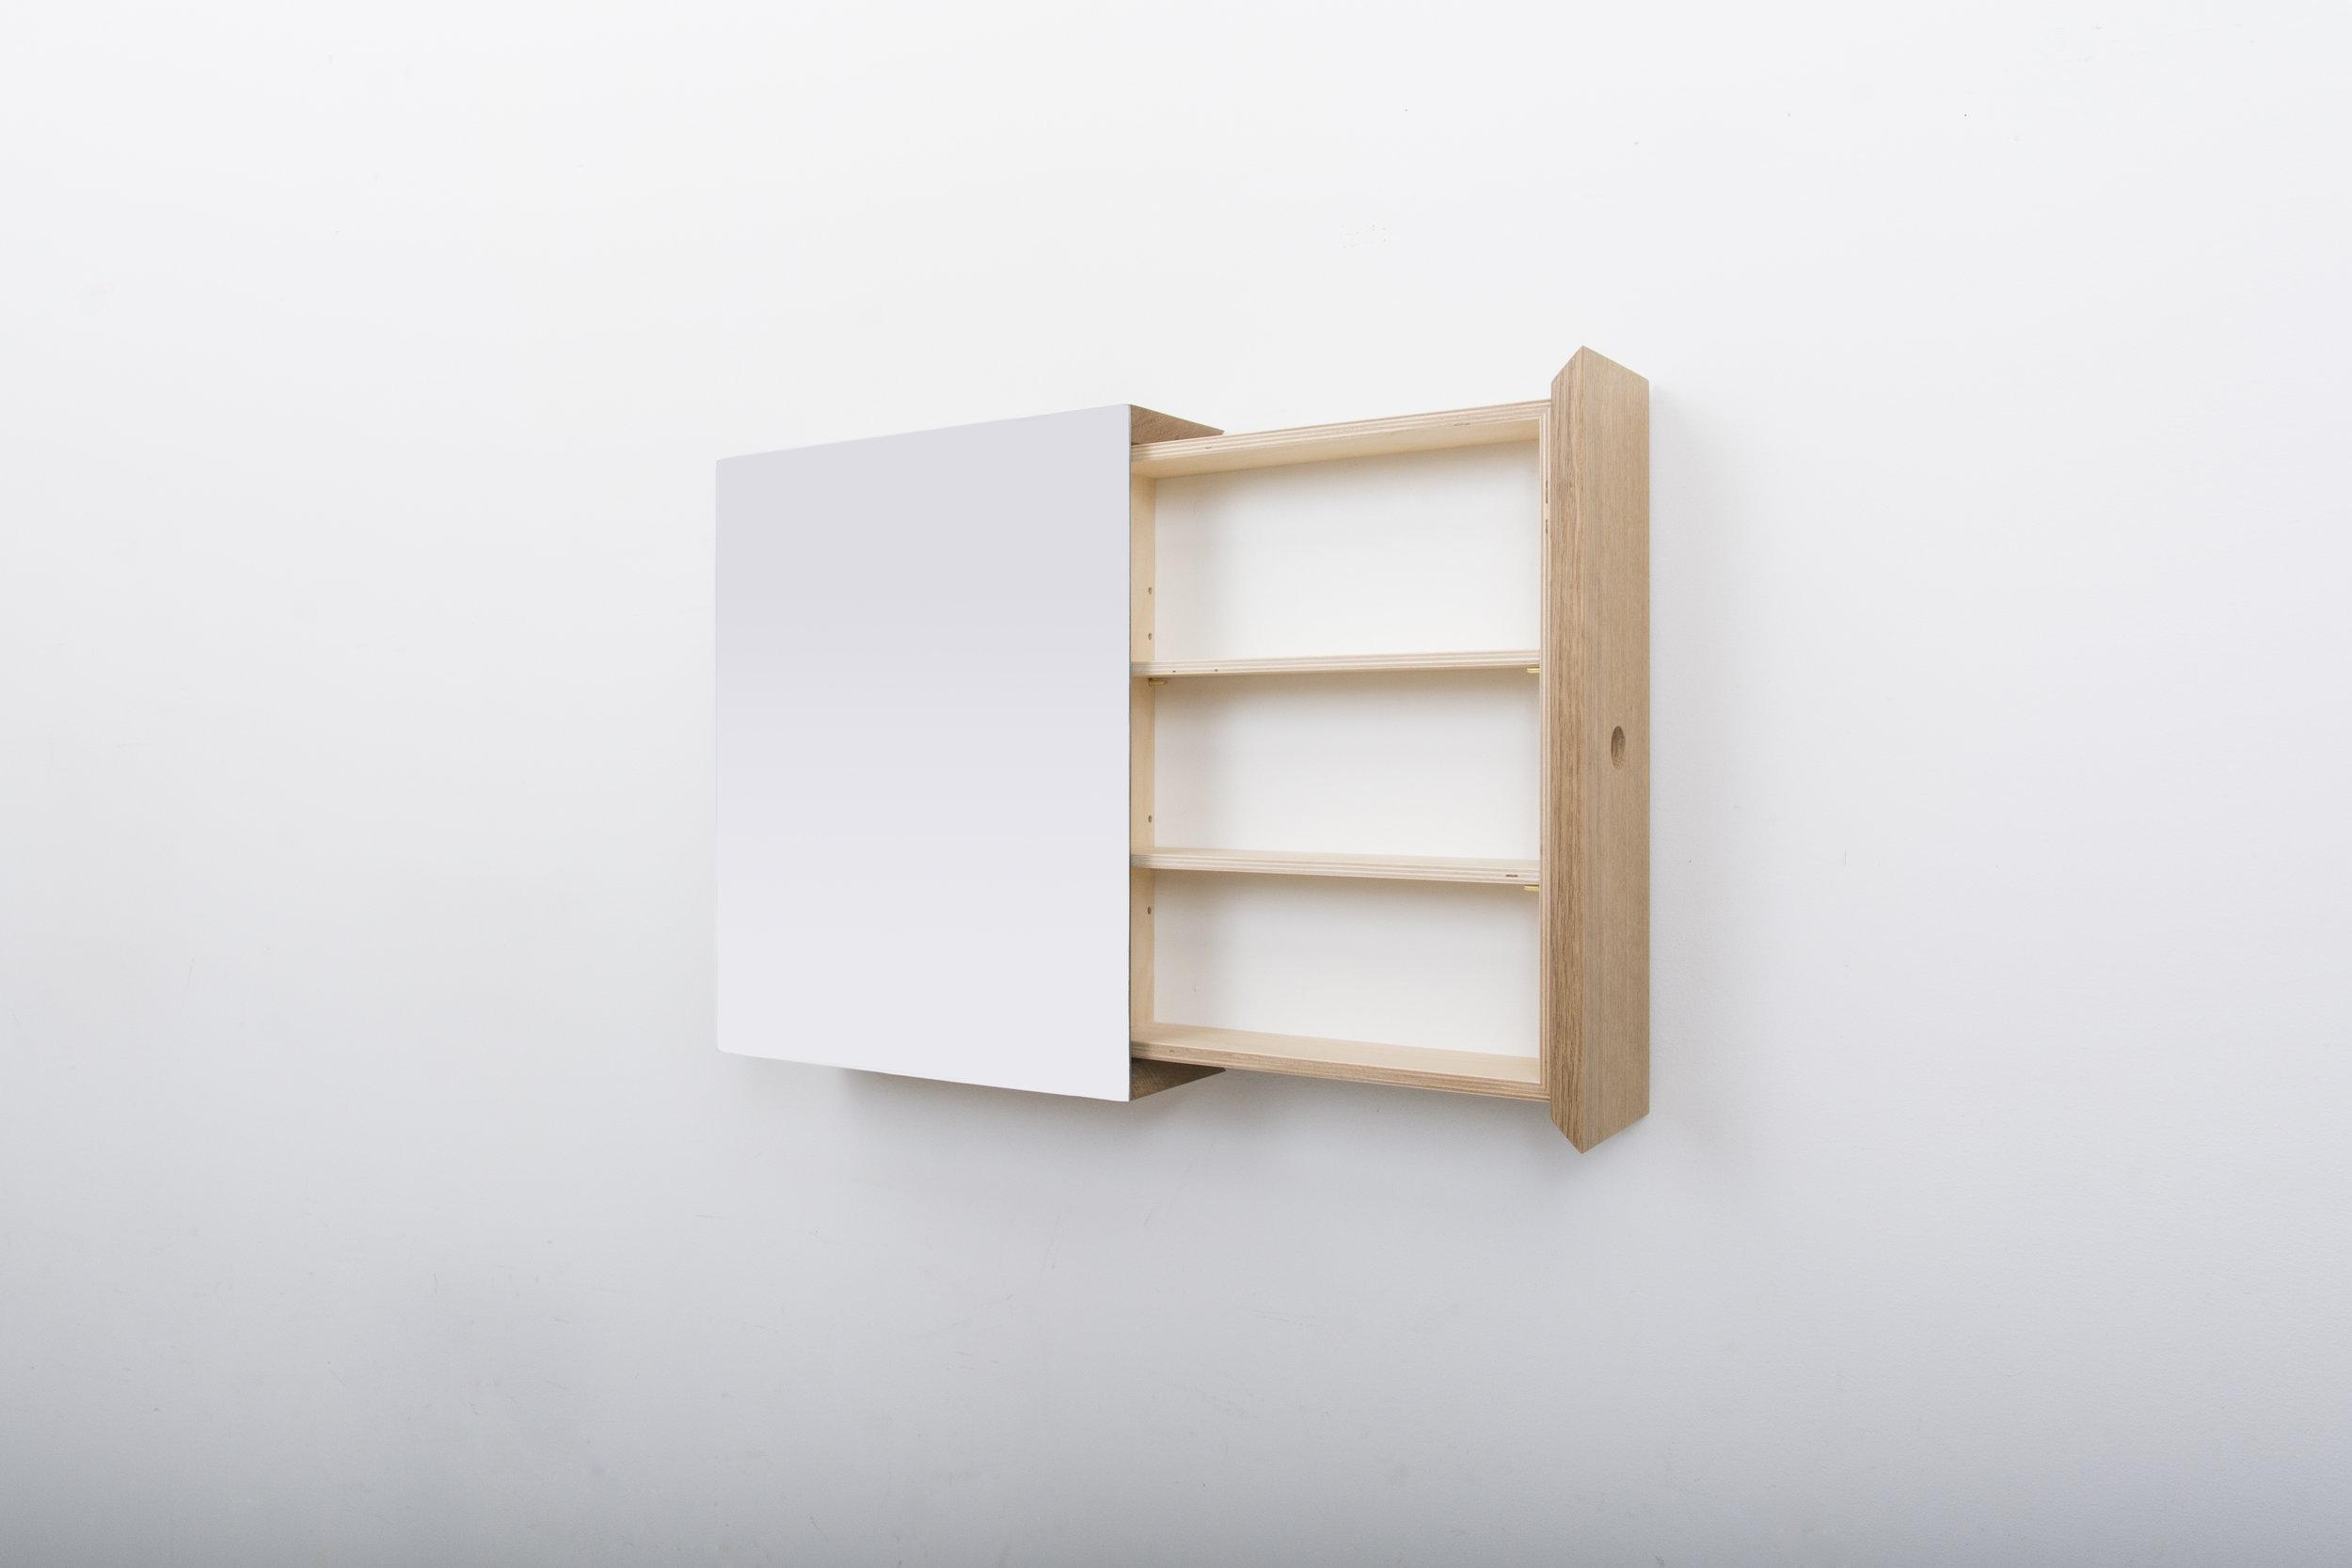 tl mirror box 4.jpg